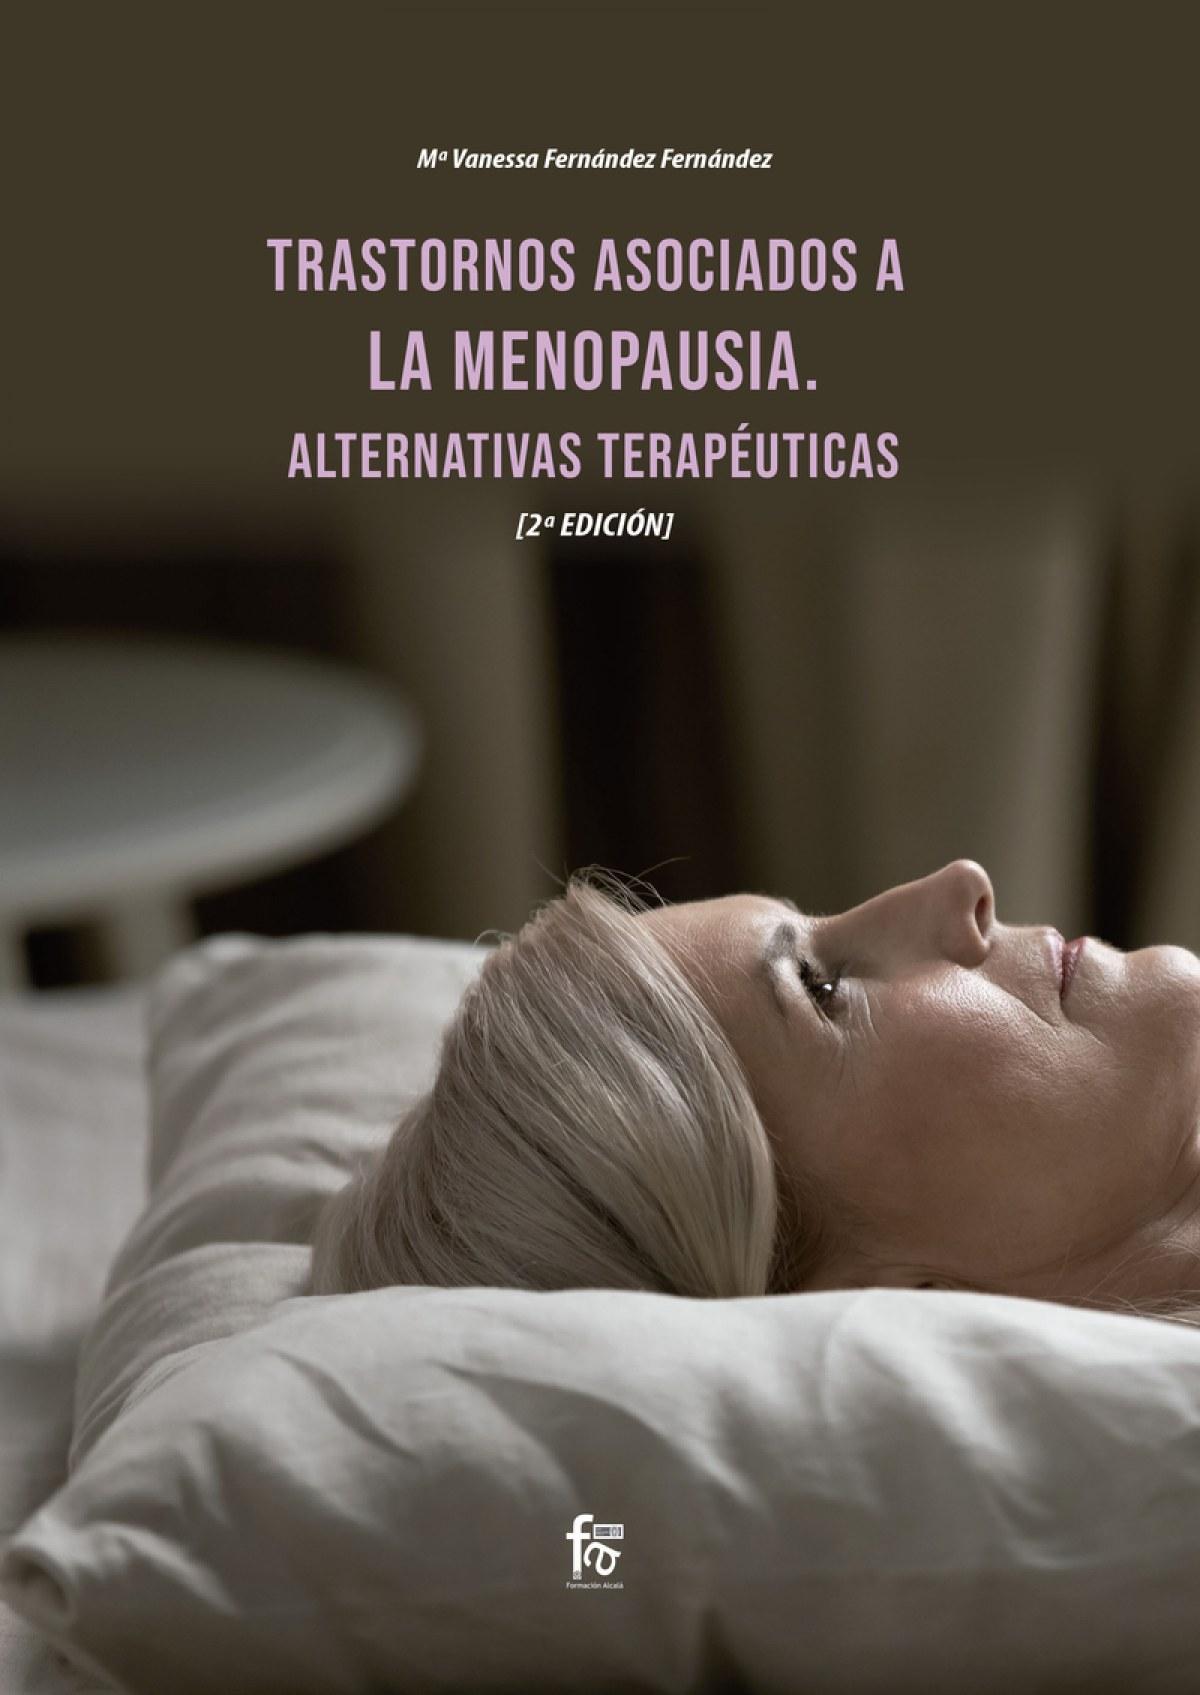 TRASTORNOS ASOCIADOS A LA MENOPAUSIA. ALTERNATIVAS